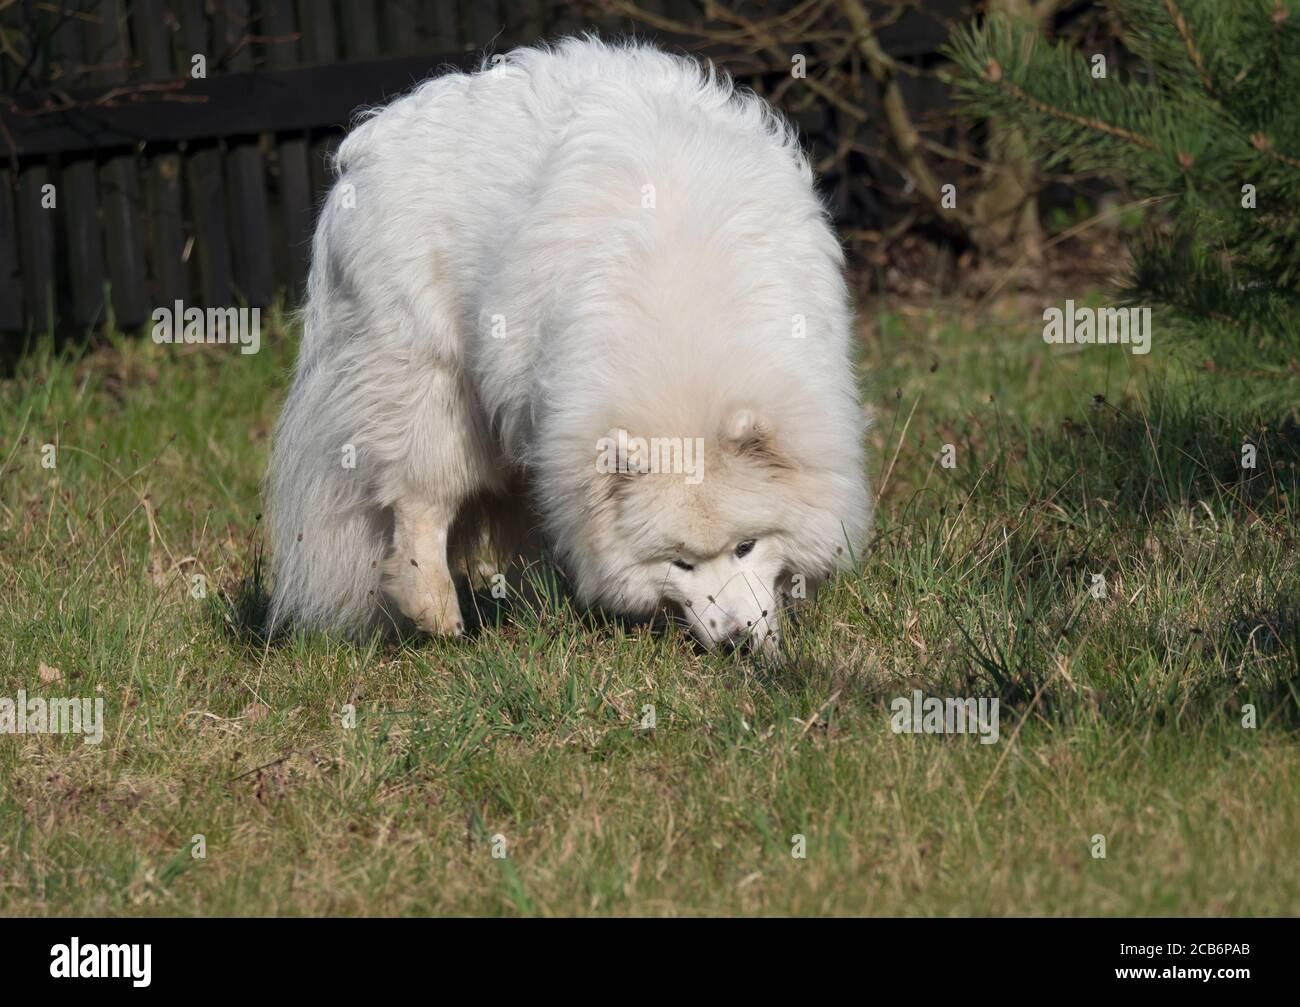 Perro joven Samoyed con pelaje blanco y esponjoso cavando y oliendo en el jardín verde de la hierba. Lindo y feliz perro ruso Bjelkier es una raza de perros pastores grandes. Foto de stock